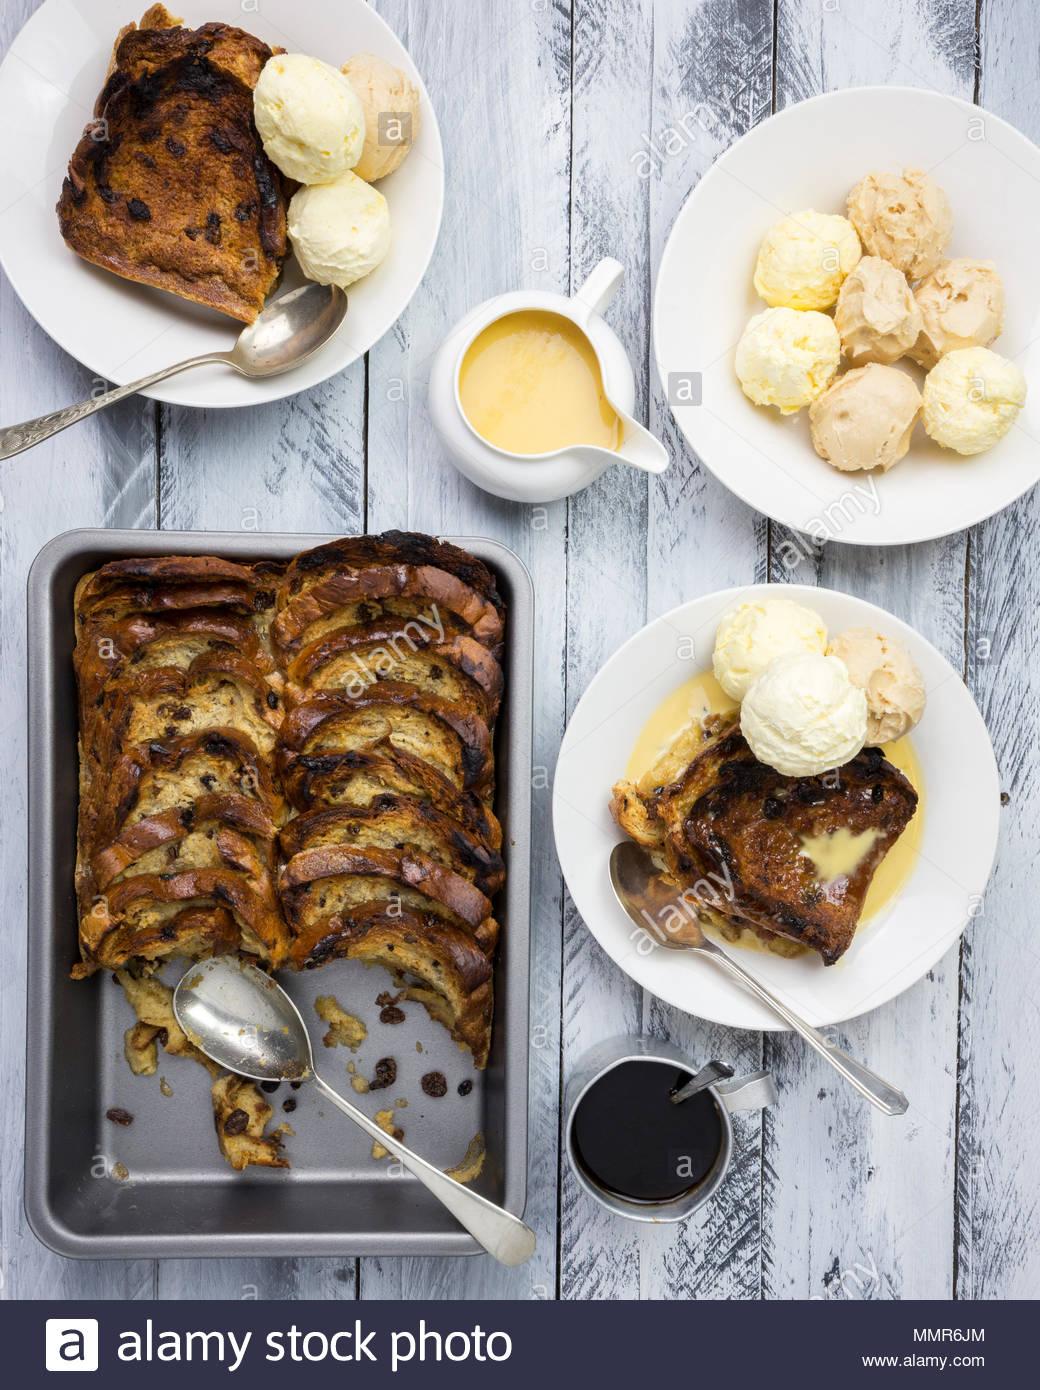 Pudding de pan con mantequilla salada con una salsa de caramelo y licor de café Imagen De Stock